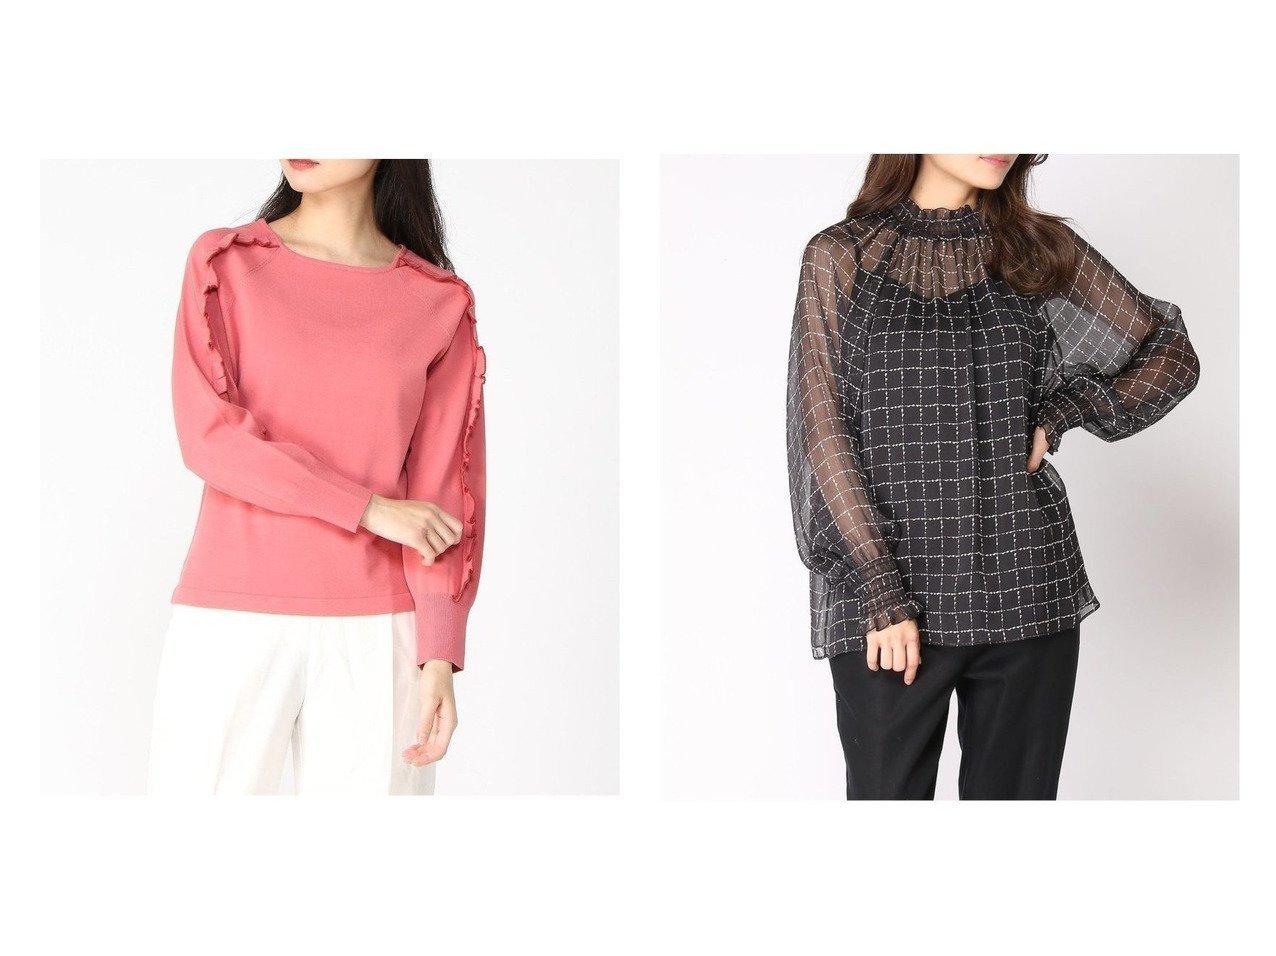 【ANAYI/アナイ】のレーヨンポリエステル配色フリルPO&ノットチェックPTシャーリングBL トップス・カットソーのおすすめ!人気、トレンド・レディースファッションの通販  おすすめで人気の流行・トレンド、ファッションの通販商品 メンズファッション・キッズファッション・インテリア・家具・レディースファッション・服の通販 founy(ファニー) https://founy.com/ ファッション Fashion レディースファッション WOMEN トップス Tops Tshirt ニット Knit Tops シャツ/ブラウス Shirts Blouses シェイプ ストレッチ フリル フレア ボトム 長袖 |ID:crp329100000010414